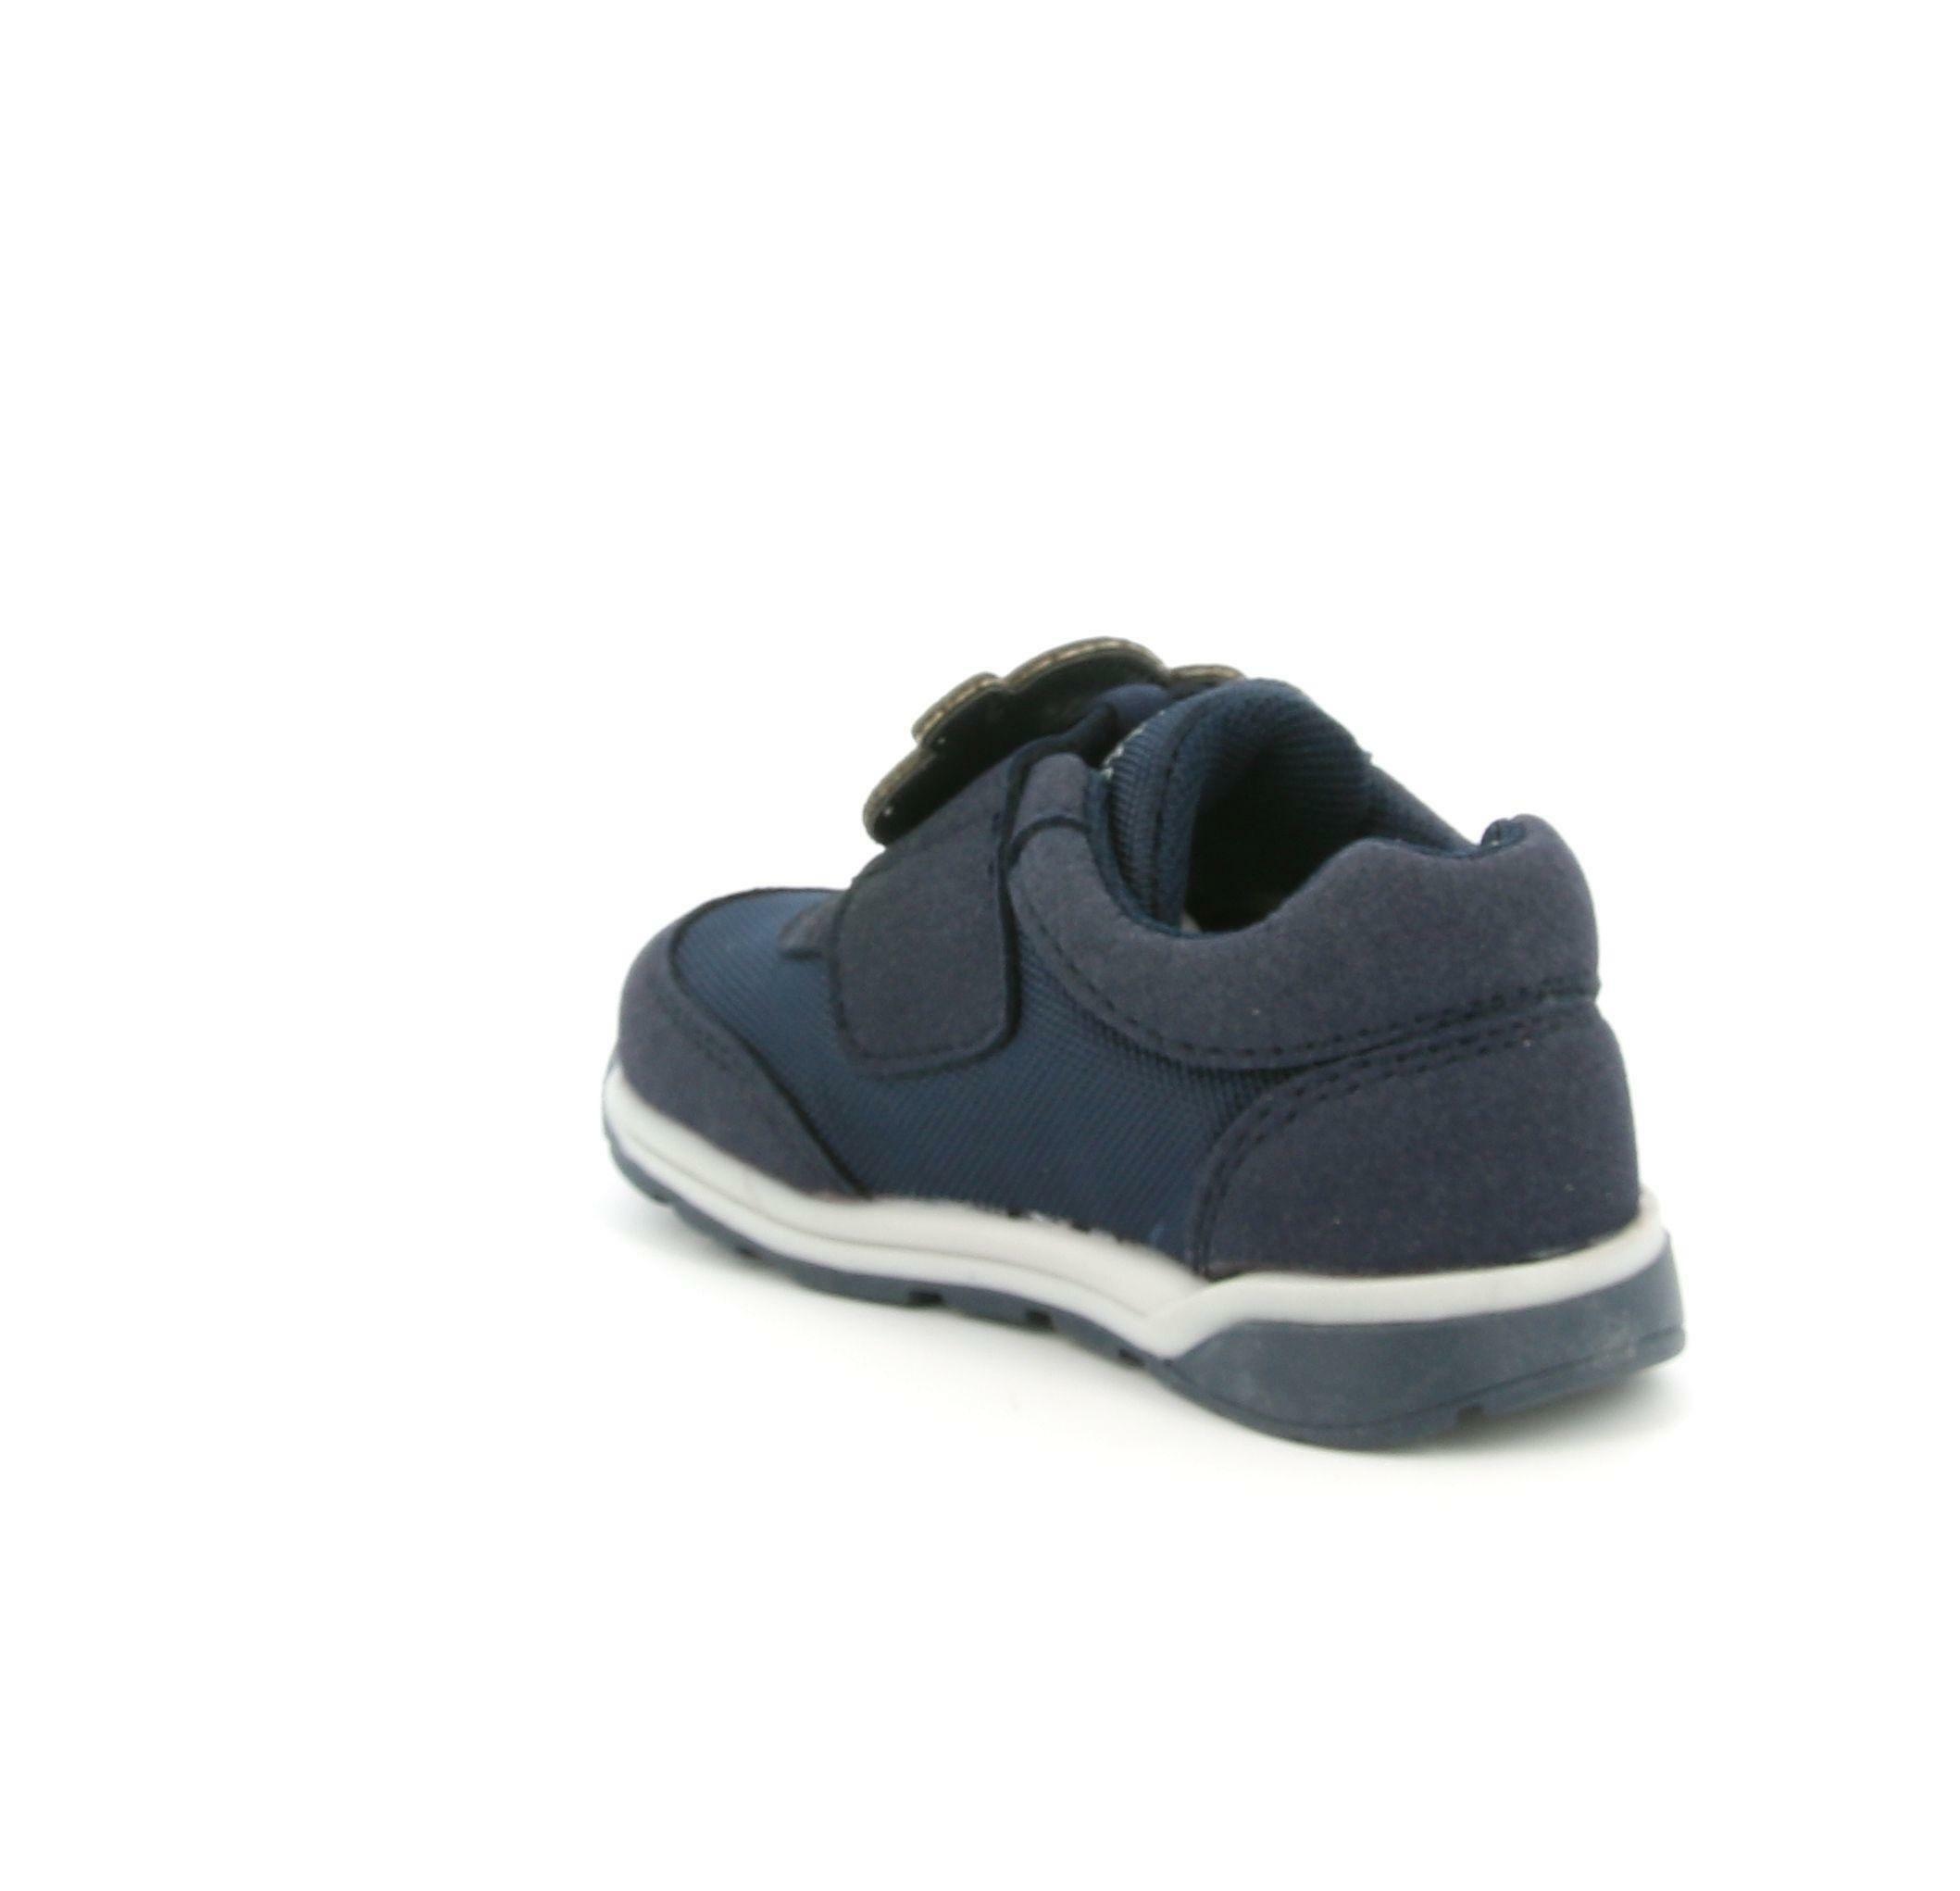 chicco chicco strappo sportivo 64612 blu scarpa sportiva bambino